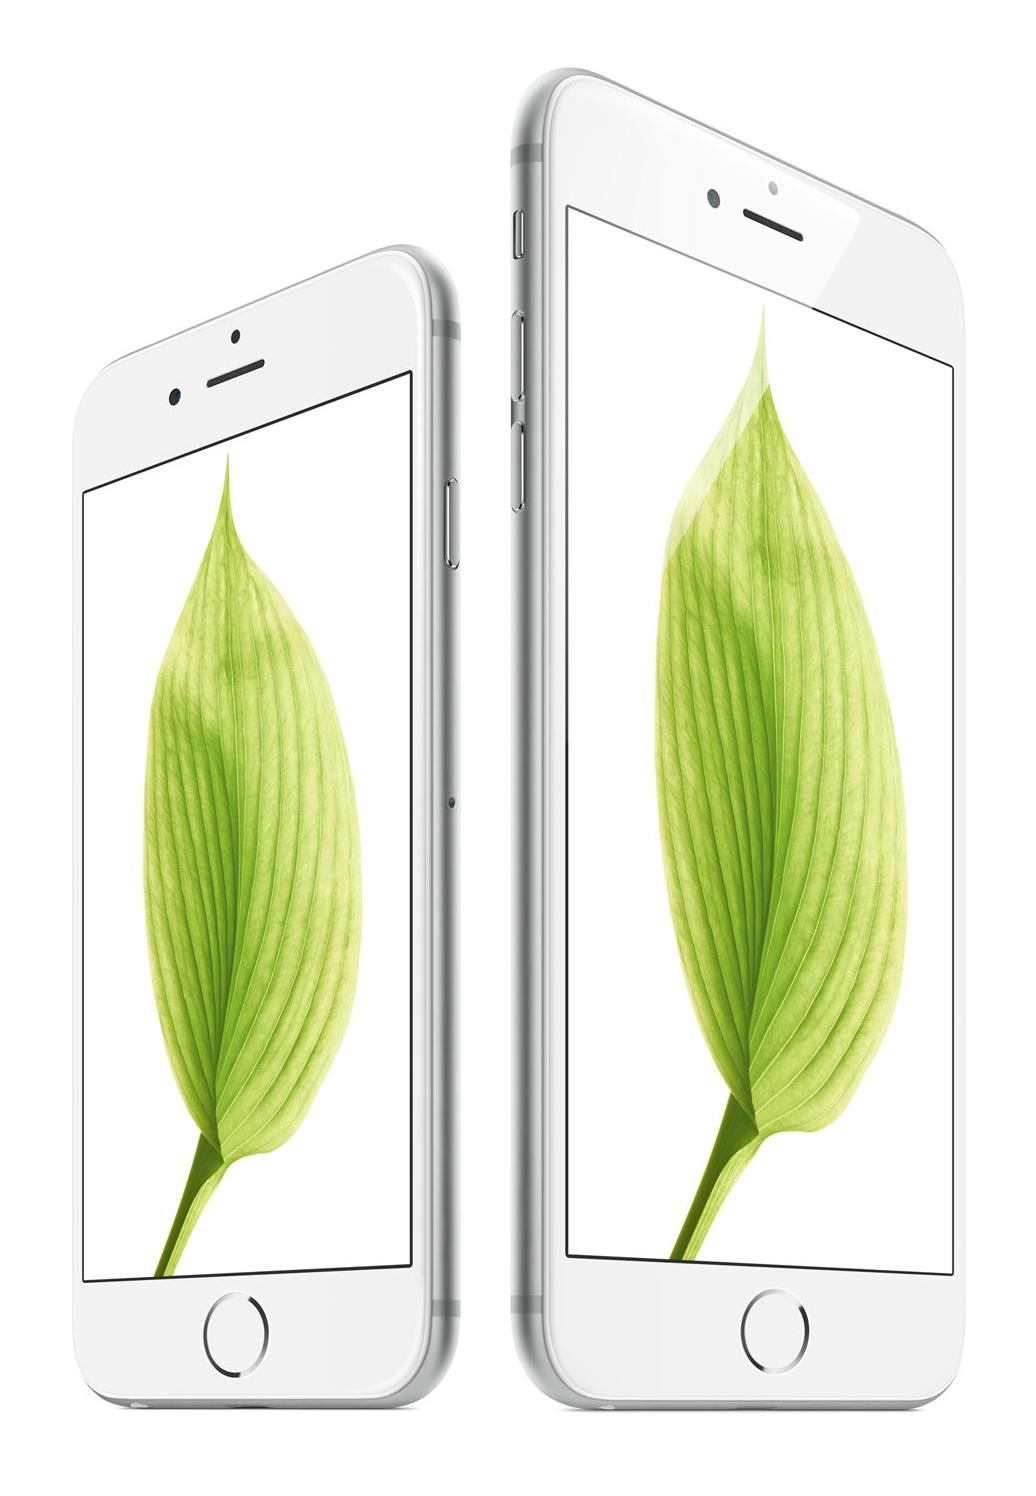 iPhone6/6 Plusのディスプレイは従来モデルよりも傷つきやすい?曲面ガラスが原因か?